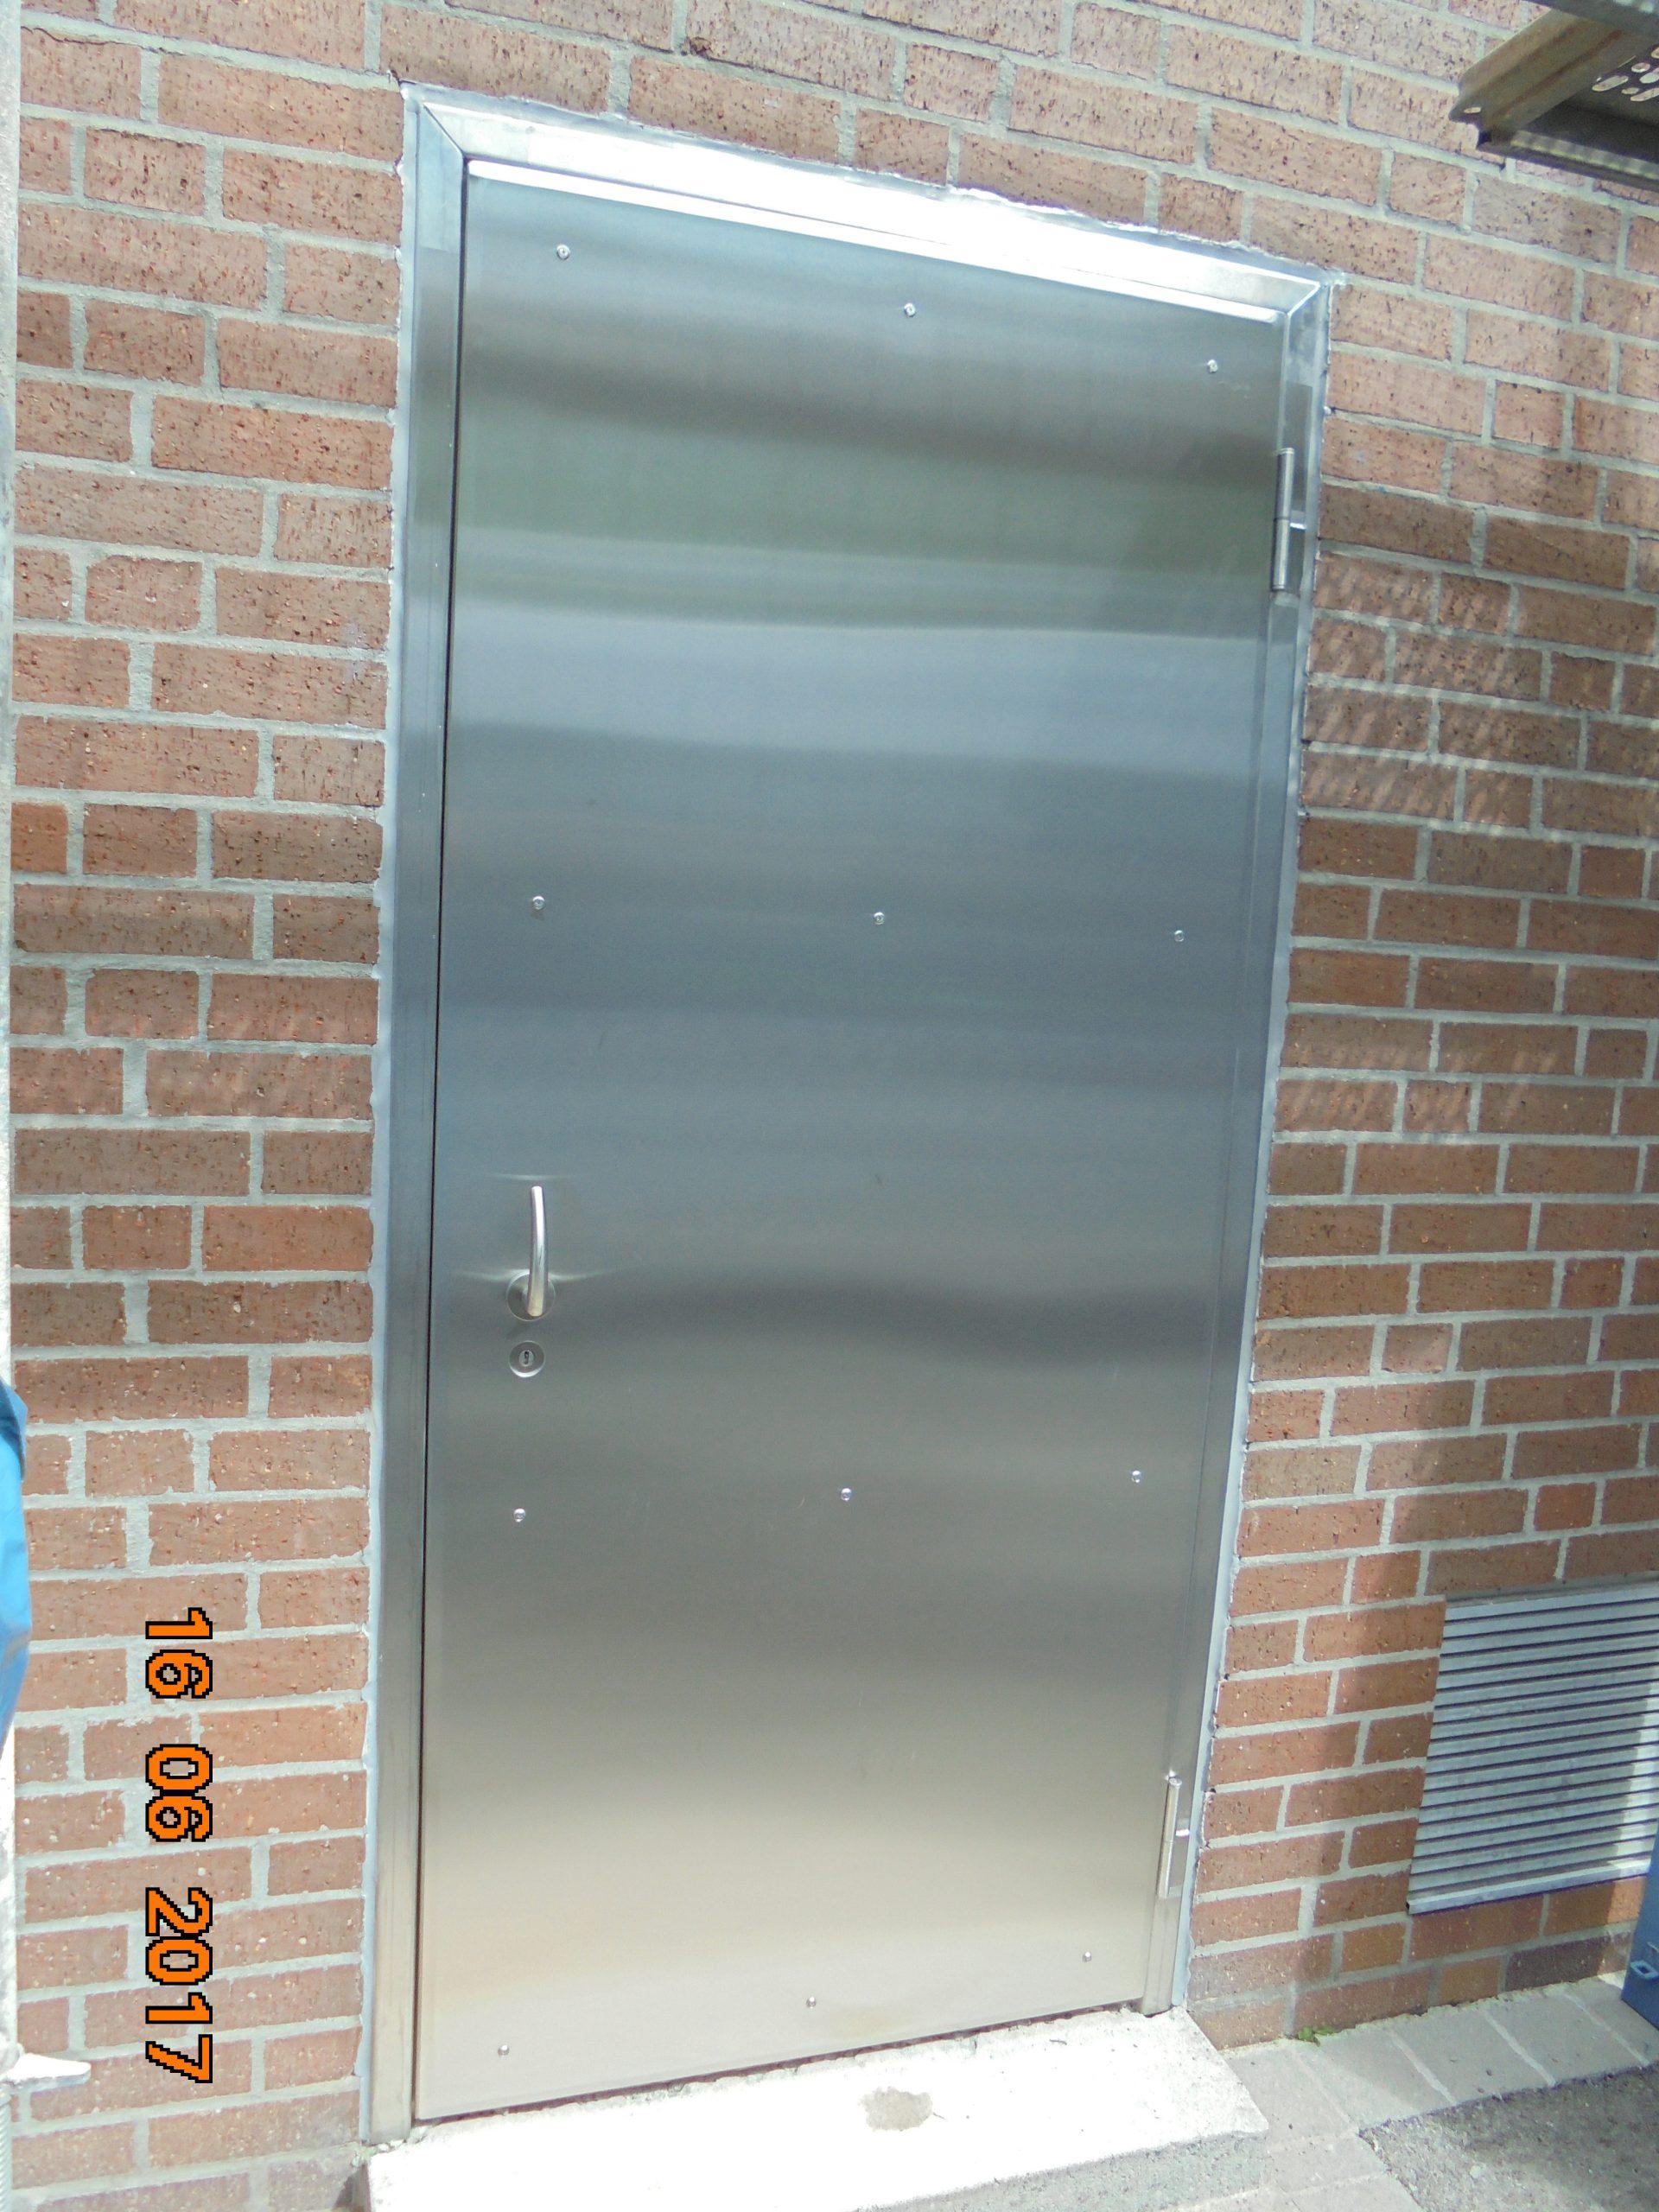 Full Size of Rc3 Tre Mit Blechaufdoppelung Elementbau Glogger Fenster Tauschen Klebefolie Für Bauhaus Velux Einbauen Köln Meeth Erneuern Kosten Dampfreiniger Fenster Rc3 Fenster